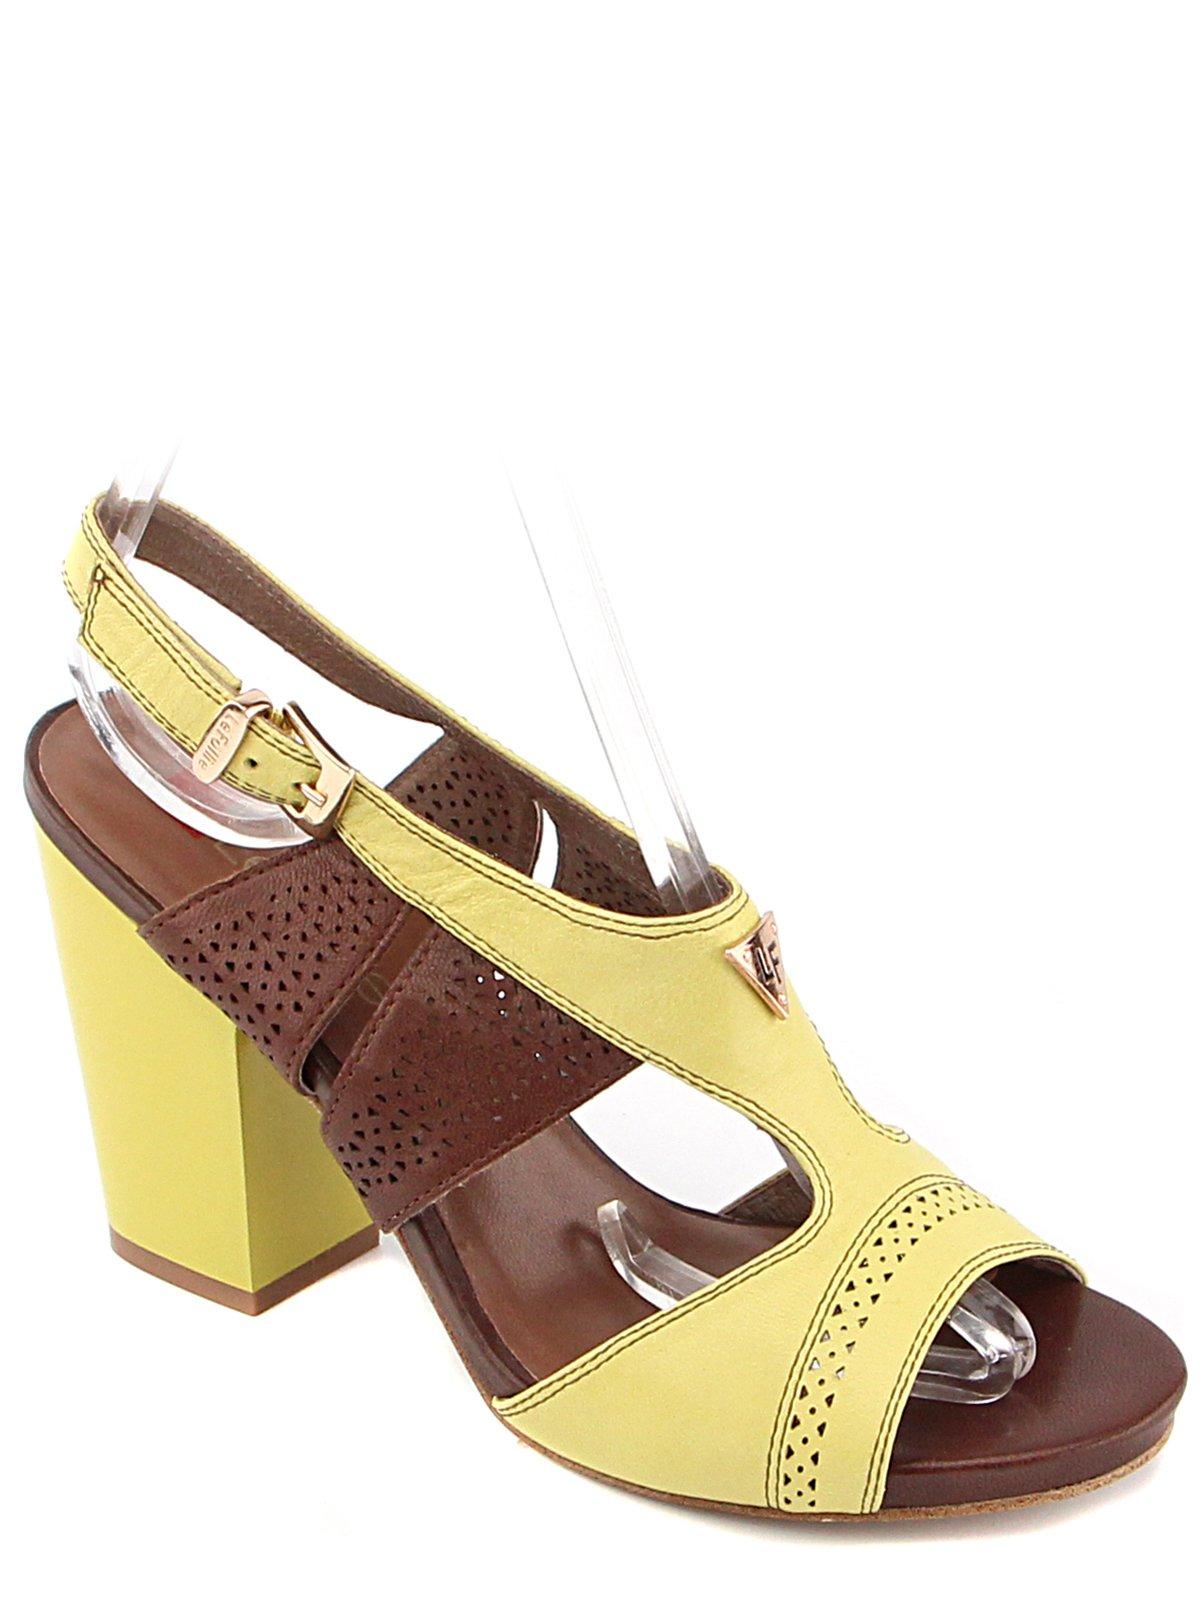 Босоніжки жовто-коричневі | 3128695